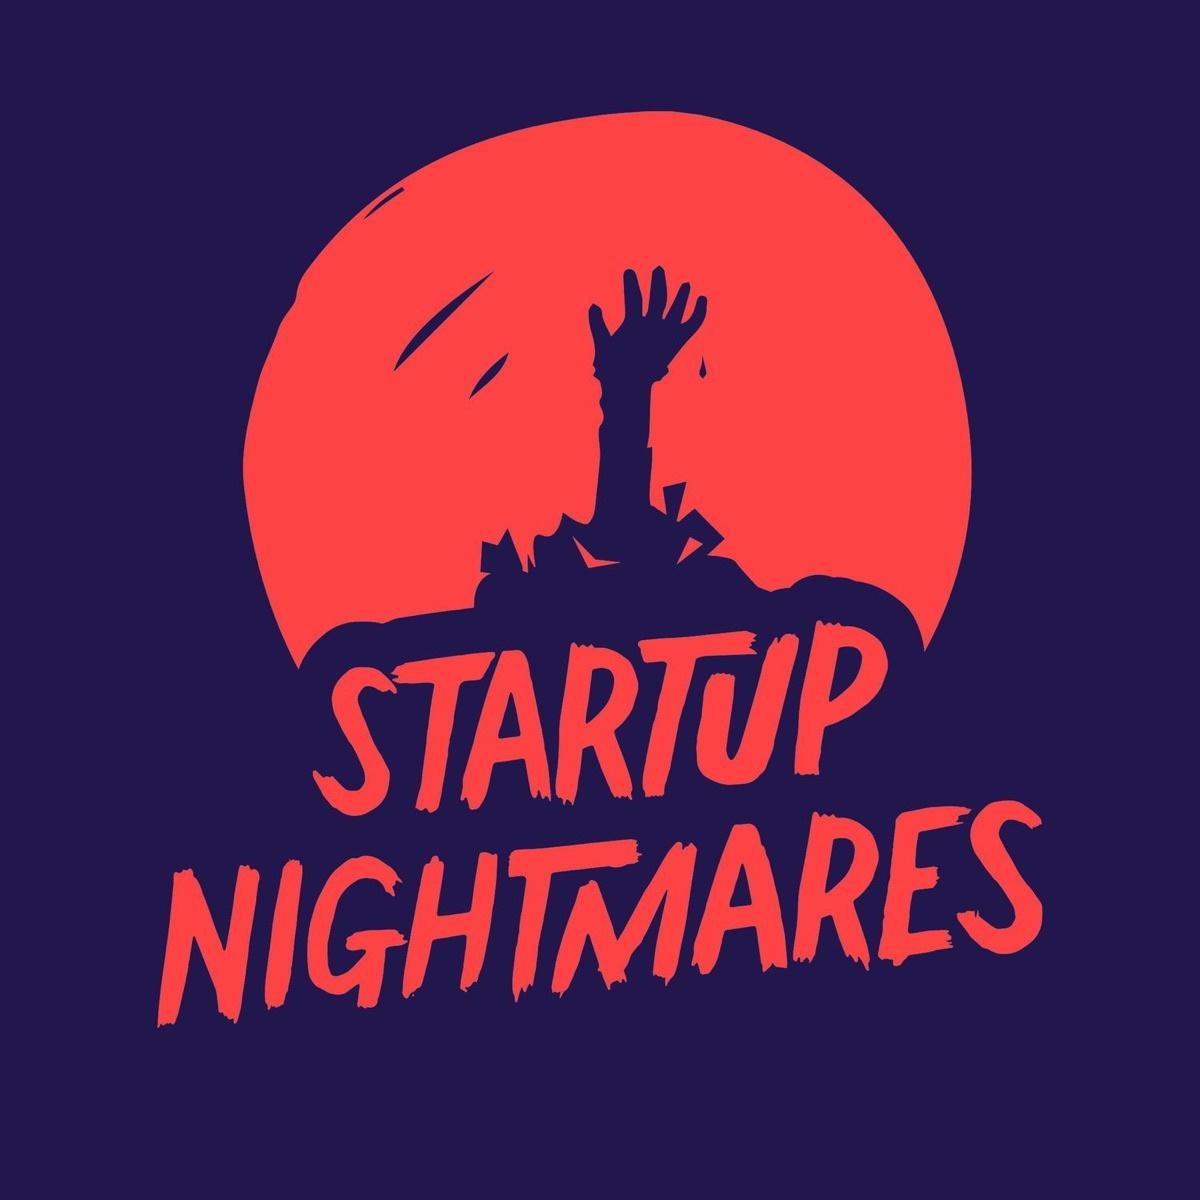 Startup Nightmares